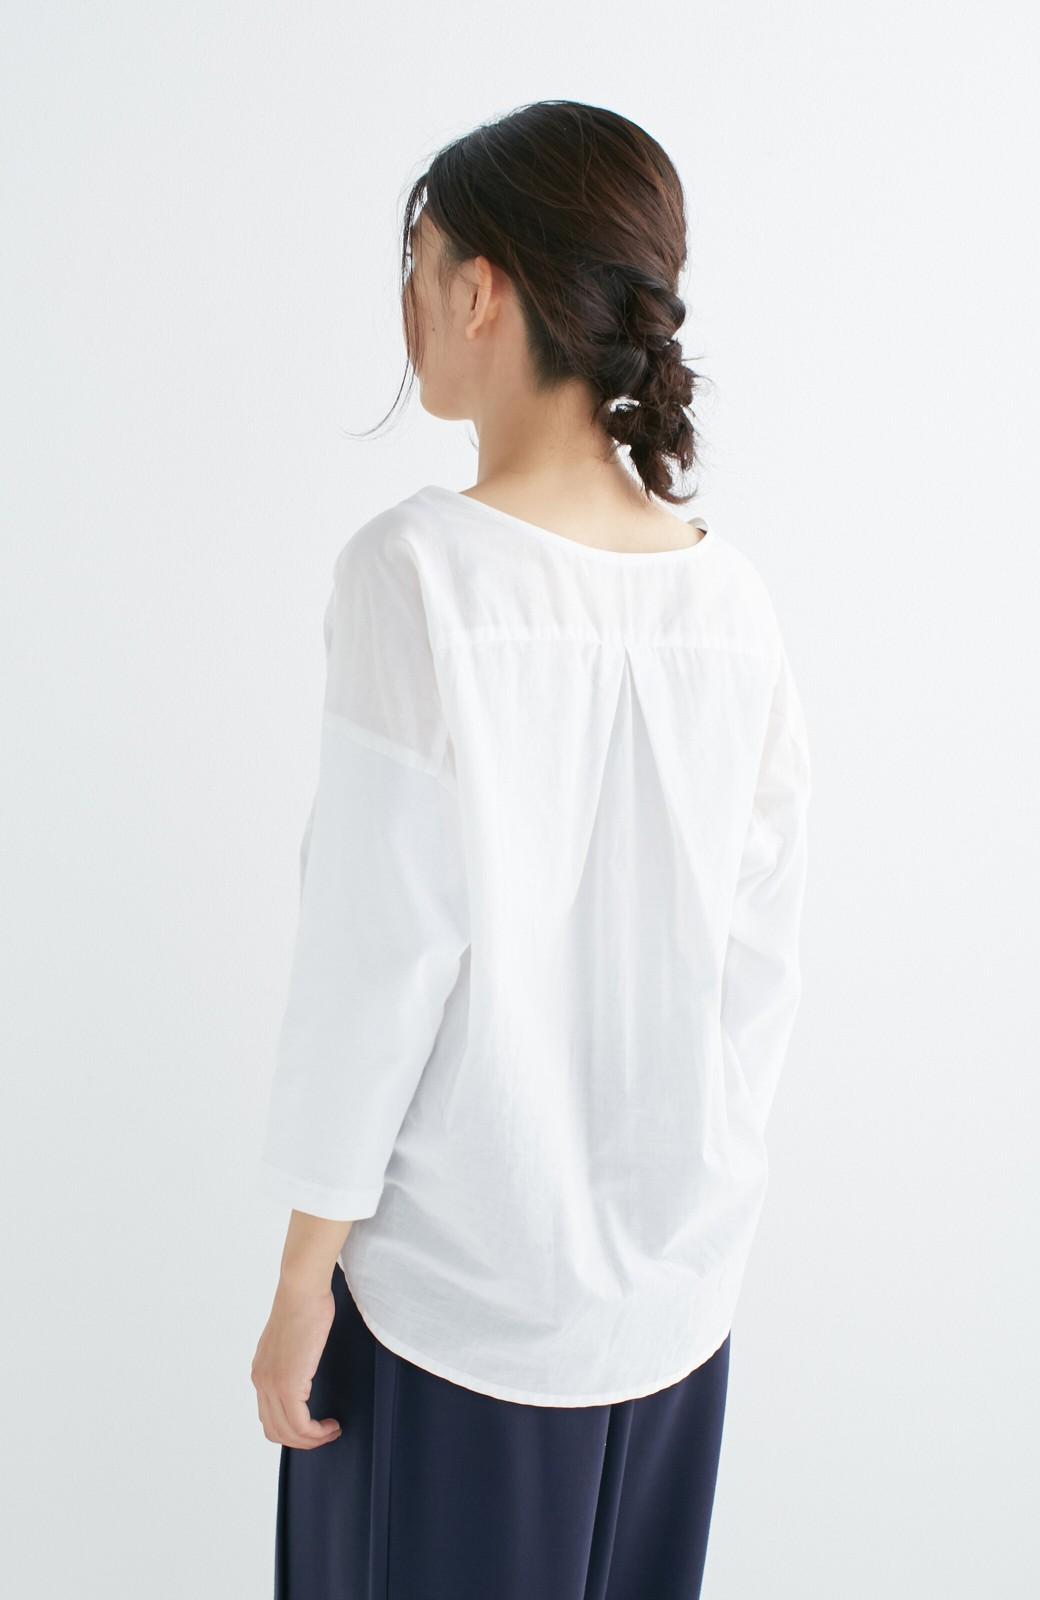 エムトロワ こう見えて動きやすい、袖だけカットソーの華やか刺しゅうブラウス <ホワイト>の商品写真18